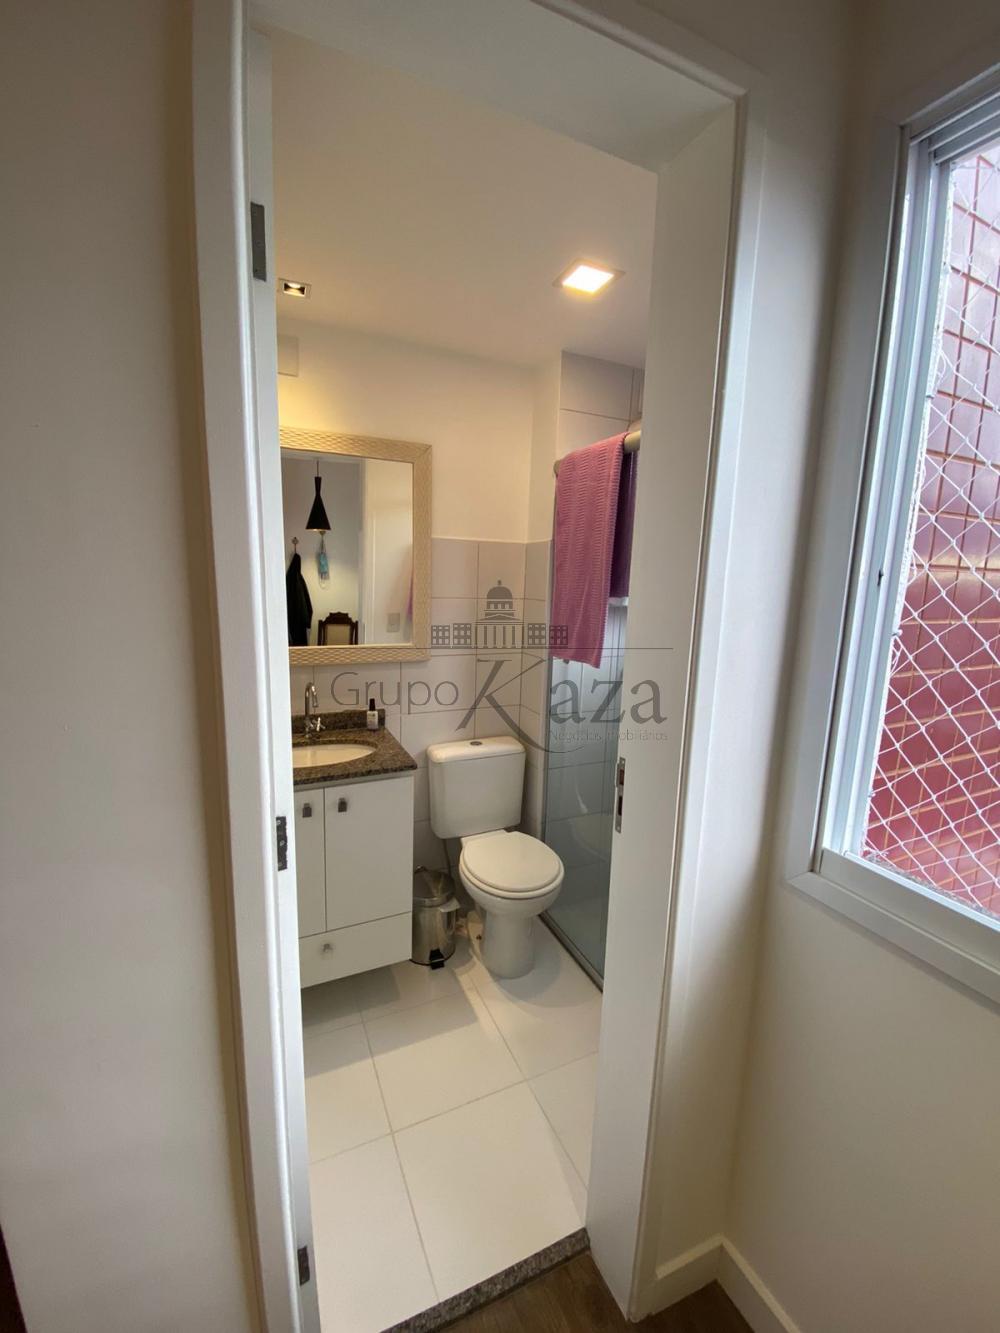 alt='Alugar Apartamento / Padrão em São José dos Campos R$ 2.200,00 - Foto 29' title='Alugar Apartamento / Padrão em São José dos Campos R$ 2.200,00 - Foto 29'